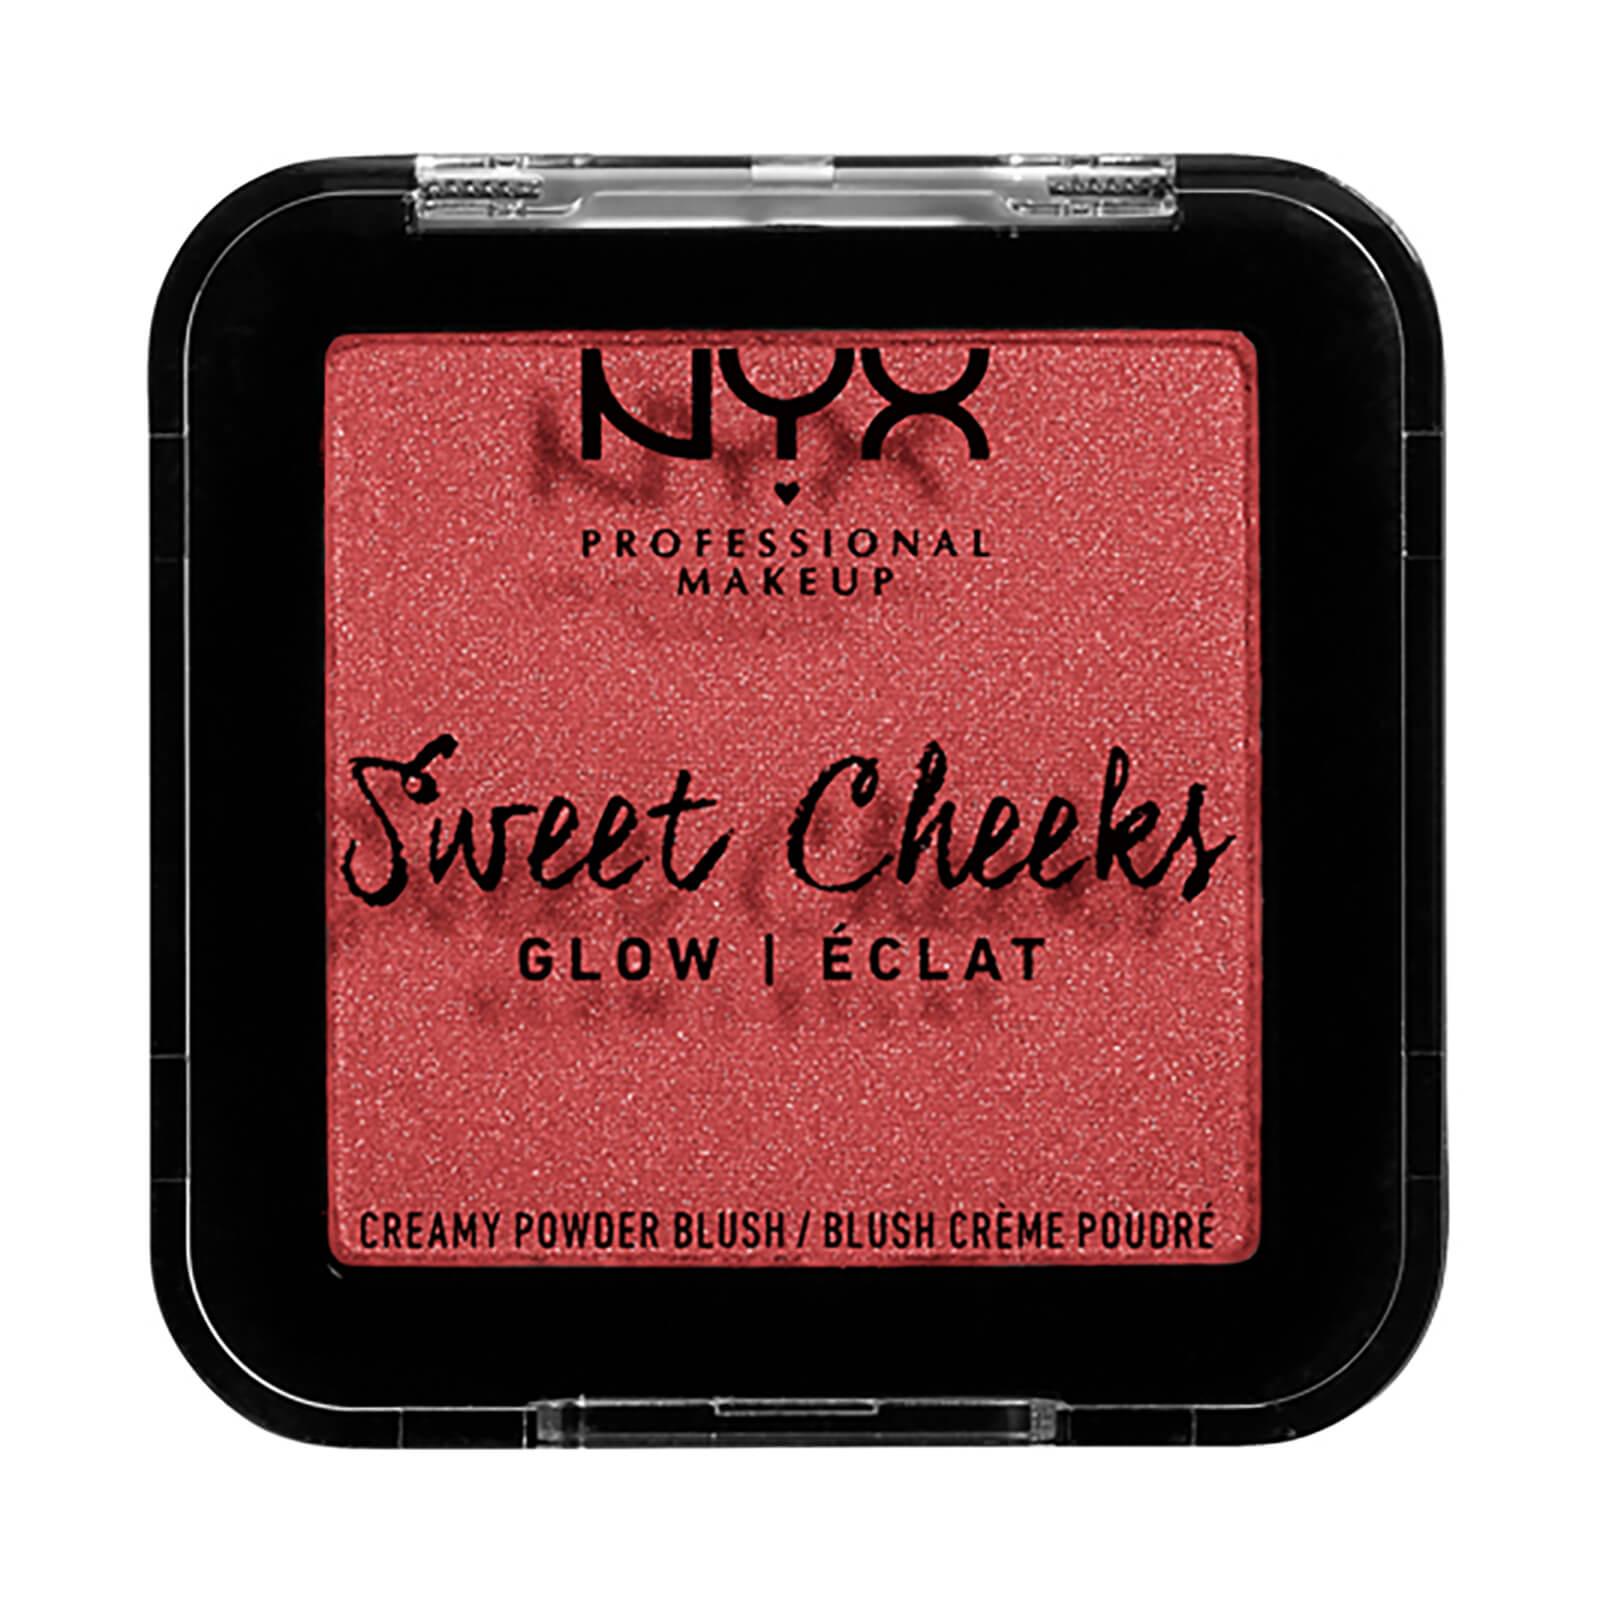 NYX Professional Makeup Powder Blusher Blush Glow 5ml (Various Shades) - Citrine Rose